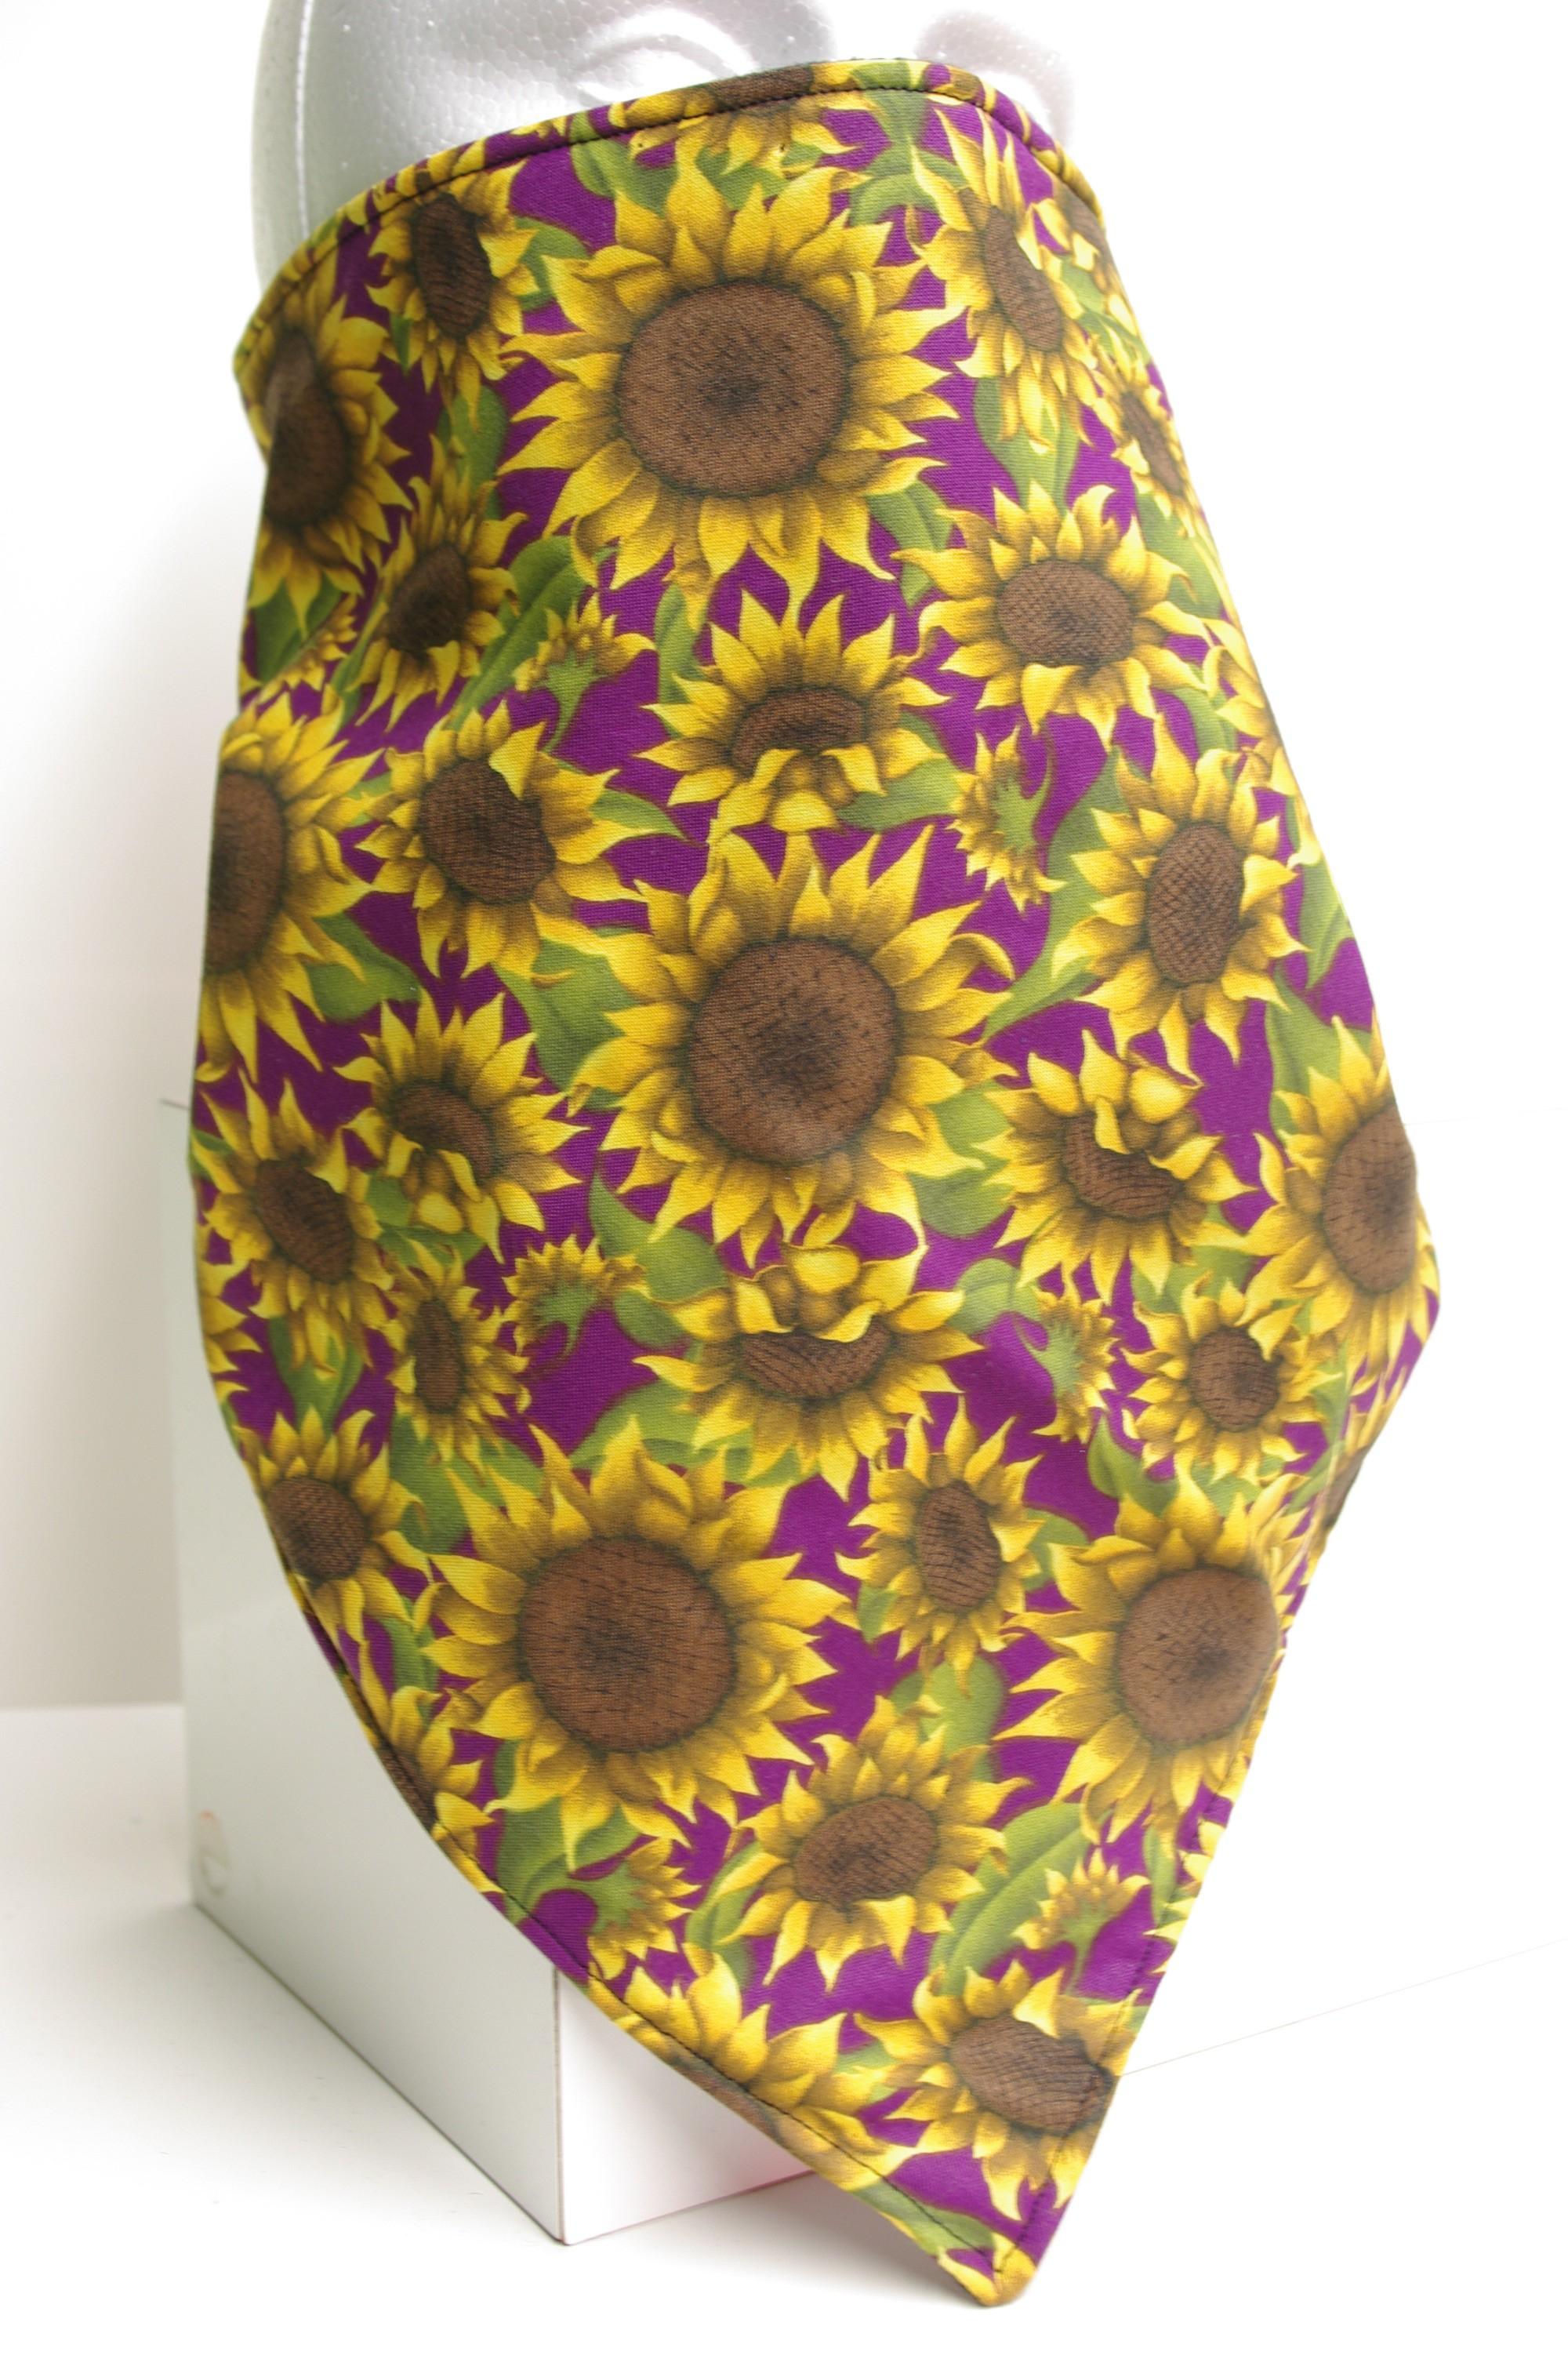 #193 Sunflowers